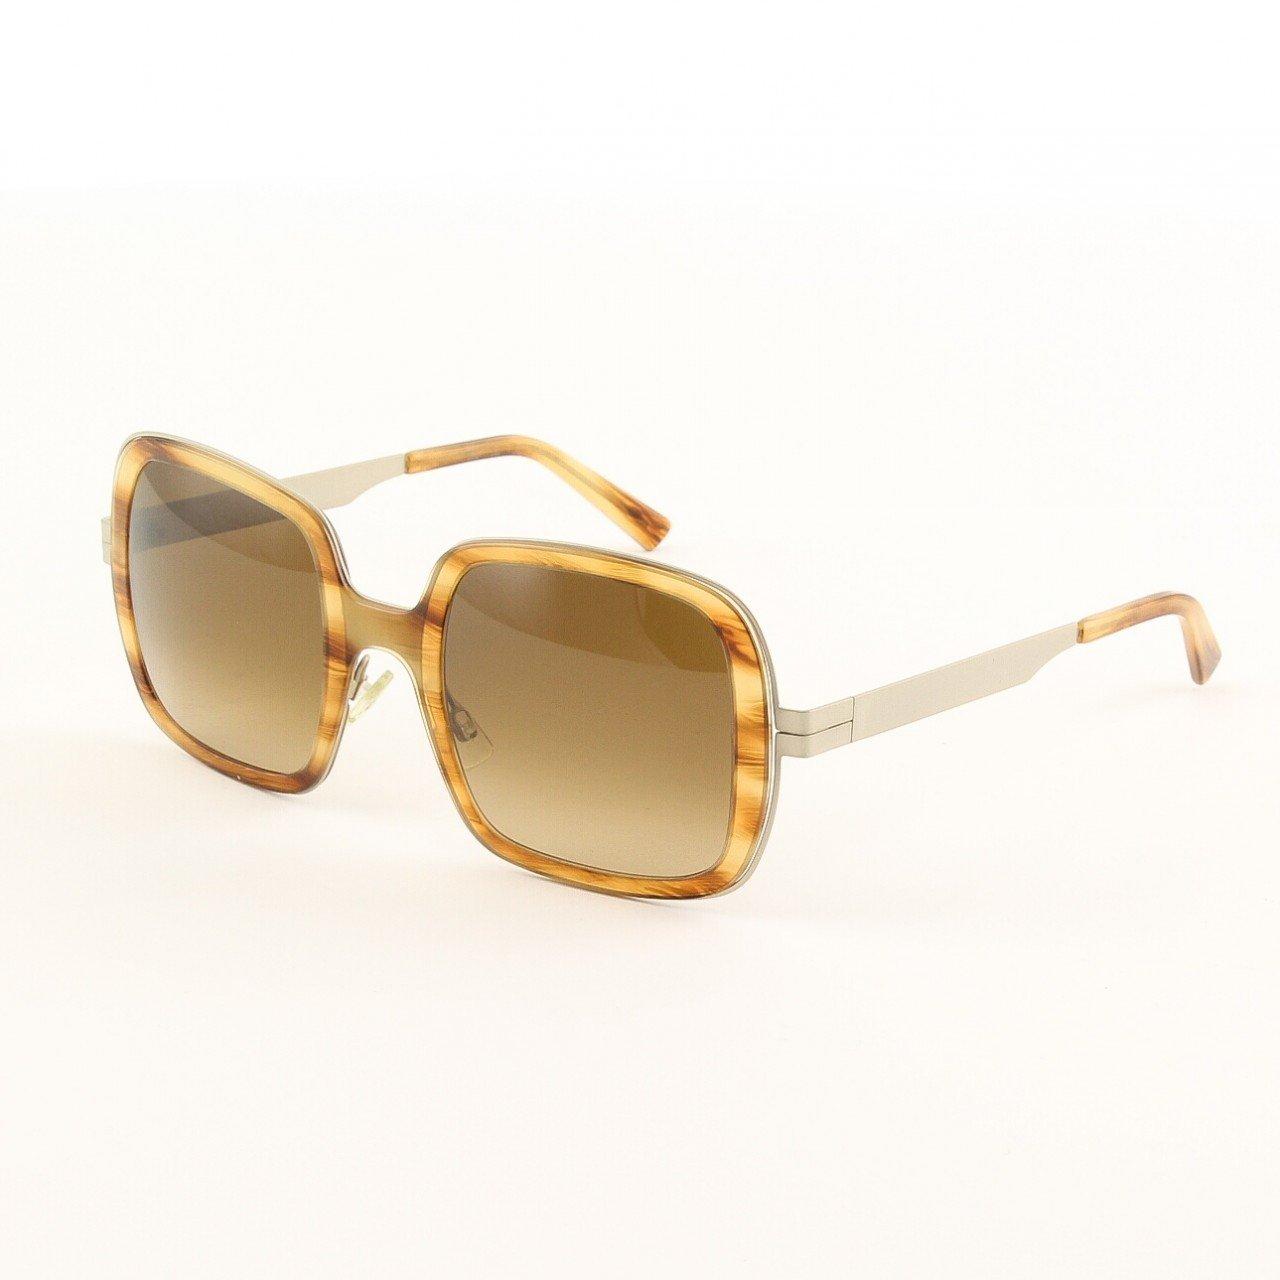 Marni MA159 Sunglasses 03 Light Tortoise Frame, Brown Gradient Lenses